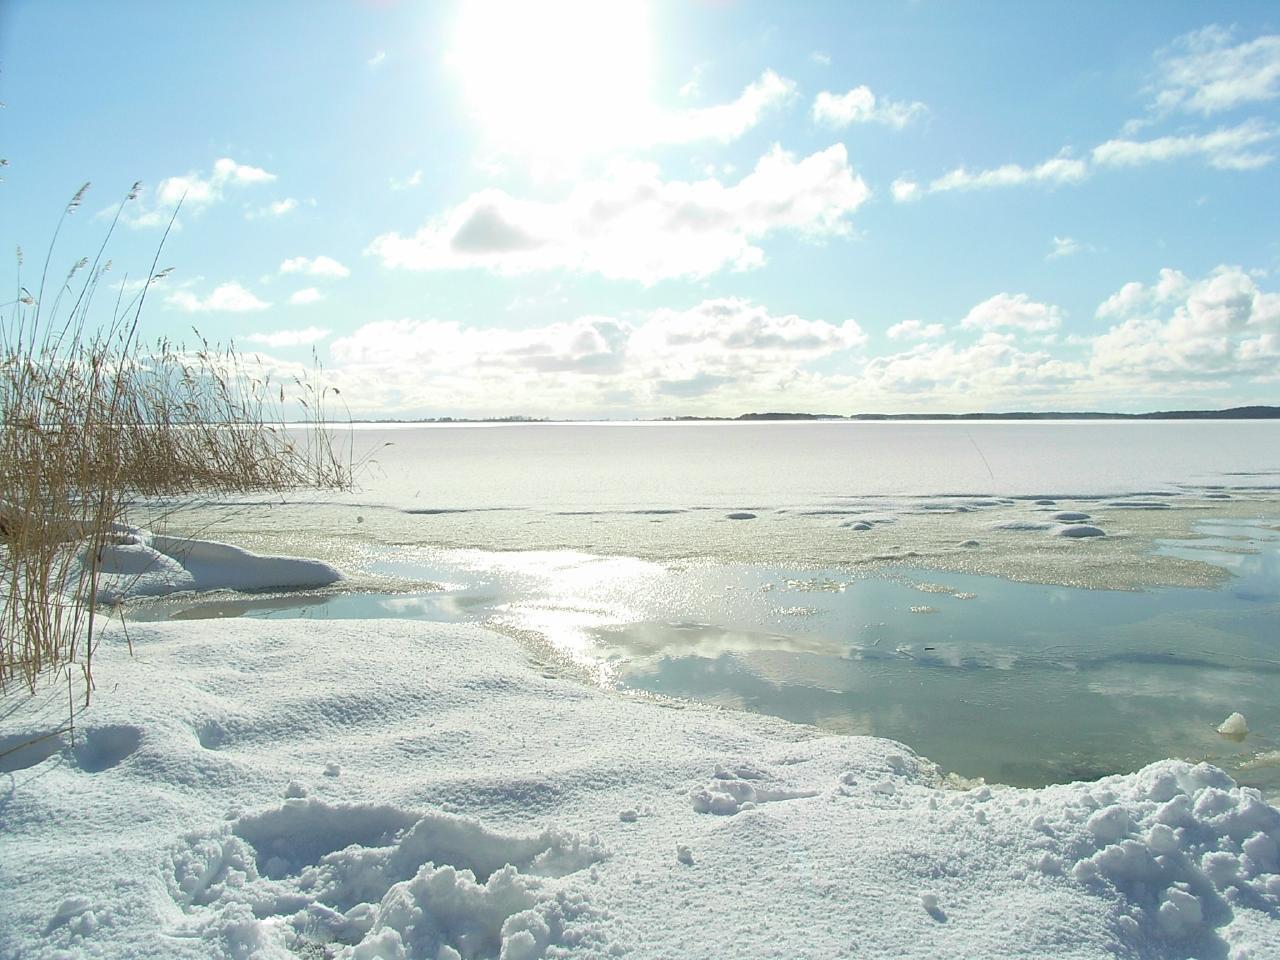 Ferienwohnung Black Pearl *** nur 400m zum Ostseesandstrand*** (381382), Koserow, Usedom, Mecklenburg-Vorpommern, Deutschland, Bild 26